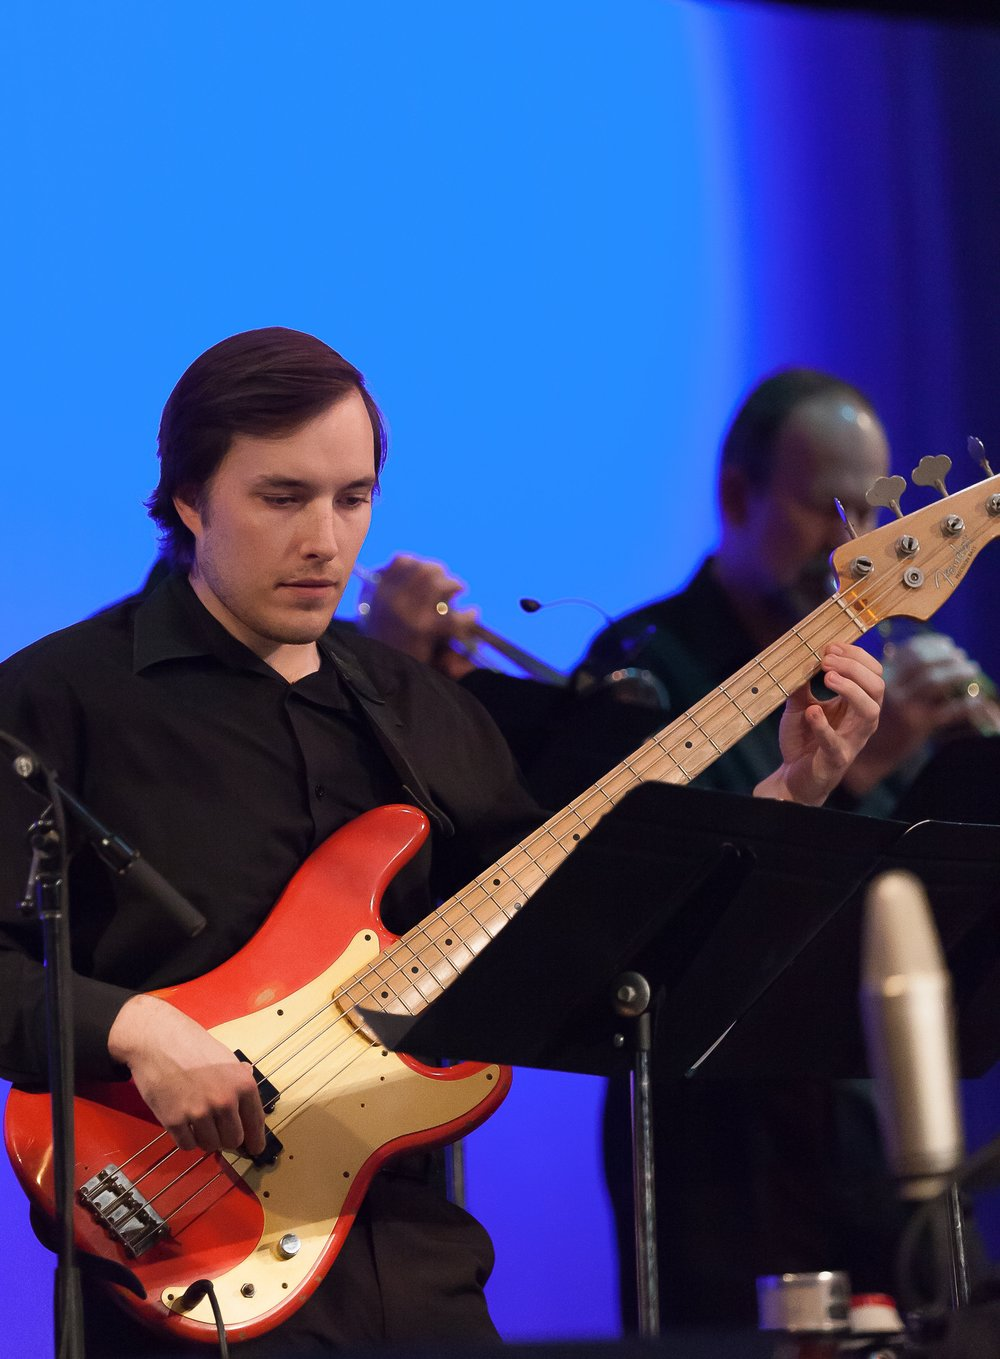 Brandon Fansher, bass